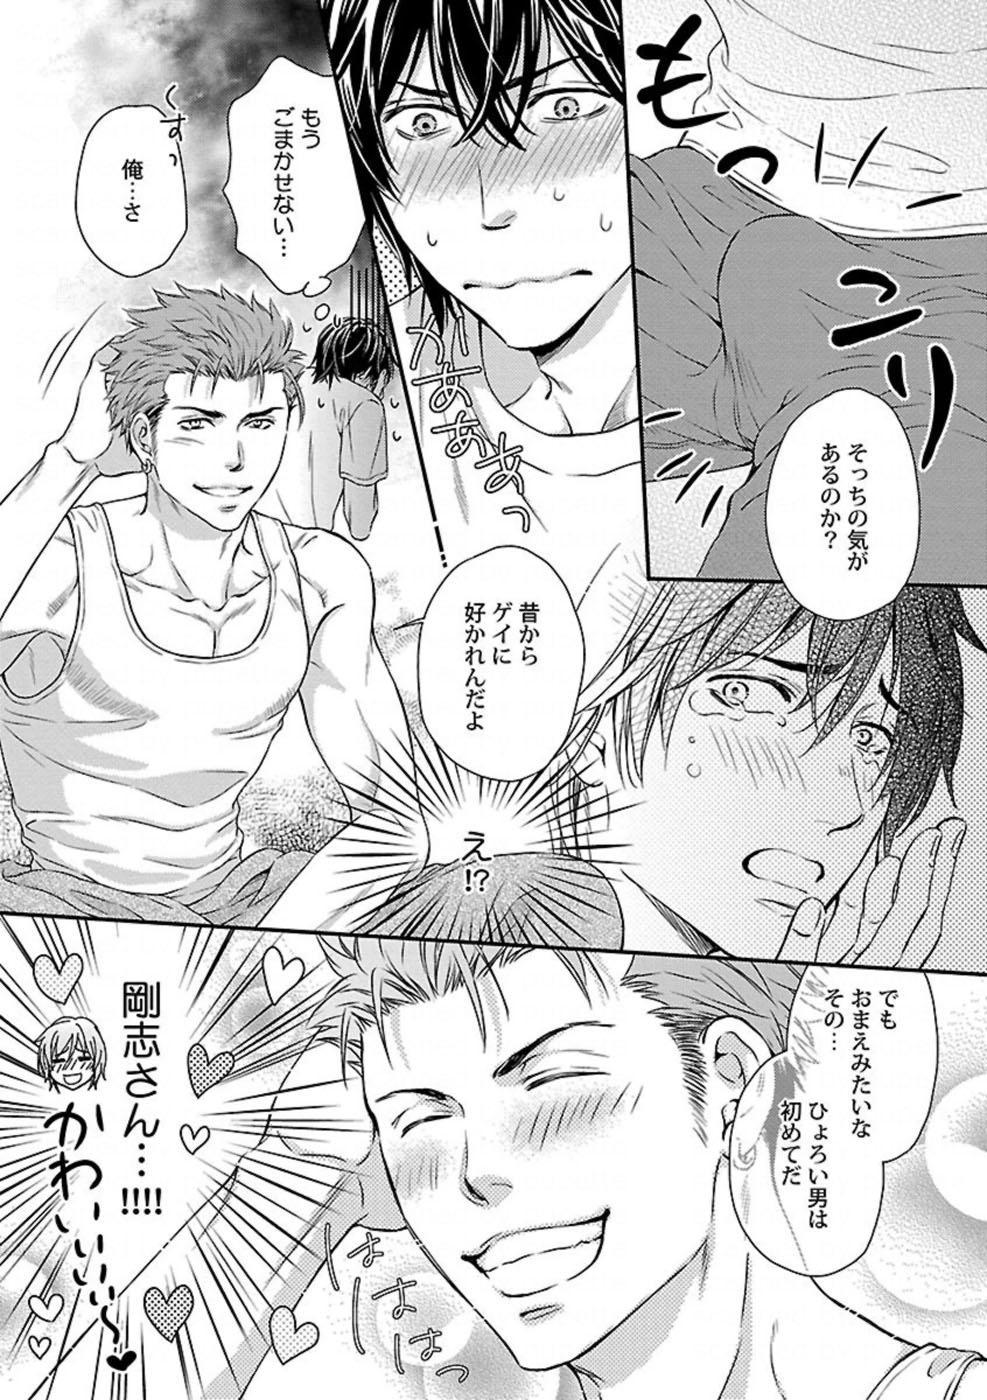 Ore no Sukina Waki+Ore no Aishi no Waki 15